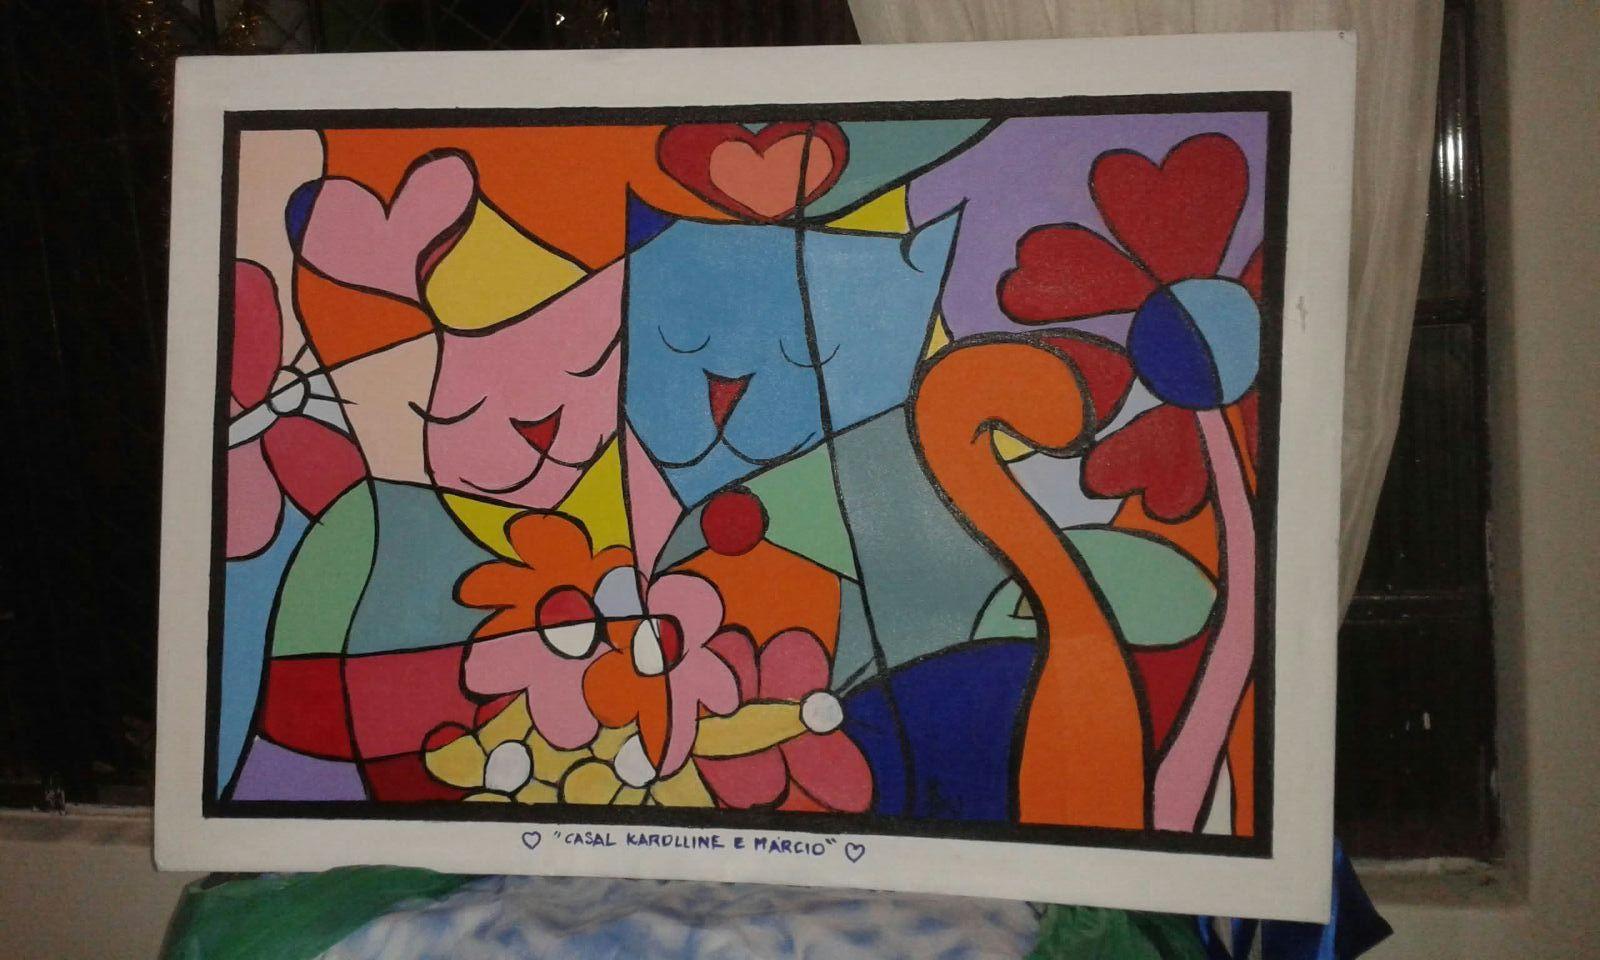 Inspirada em Romero Brito pintei este quadro para um jovem casal. Sueli Pessoa - Plick Ateliê